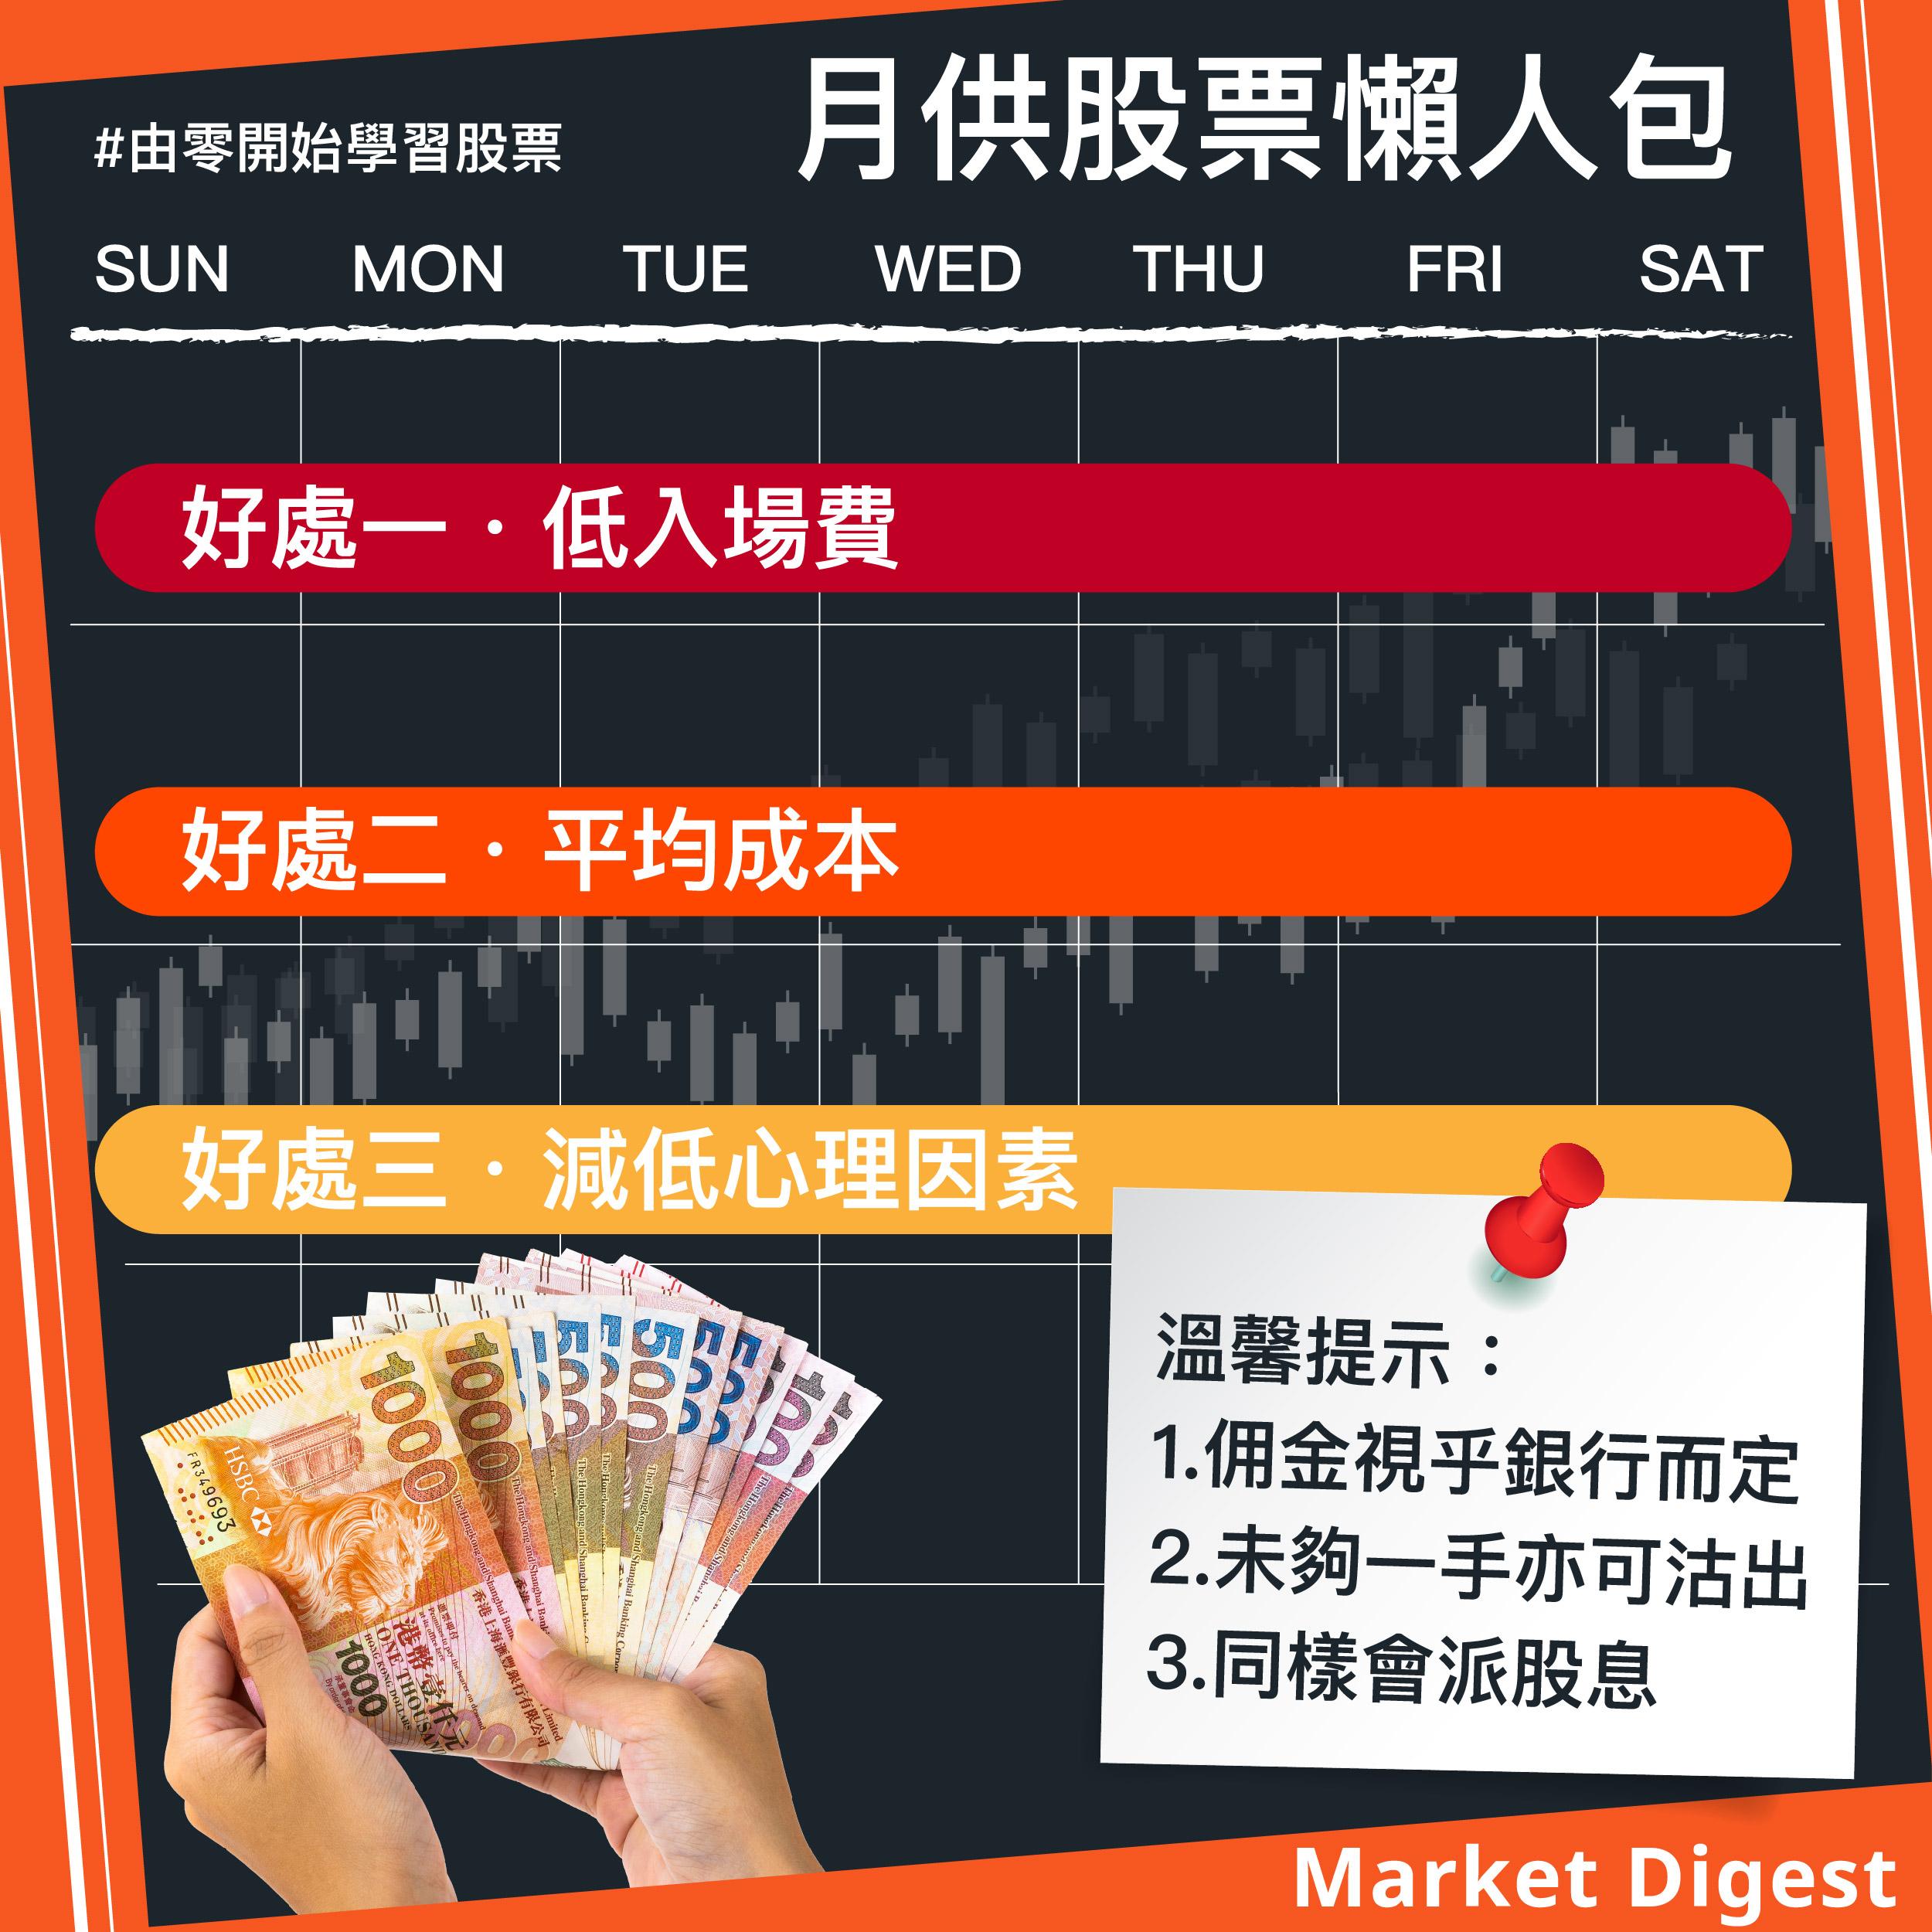 【由零開始學習股票】覺得股票難入門?不妨看一看月供股票懶人包